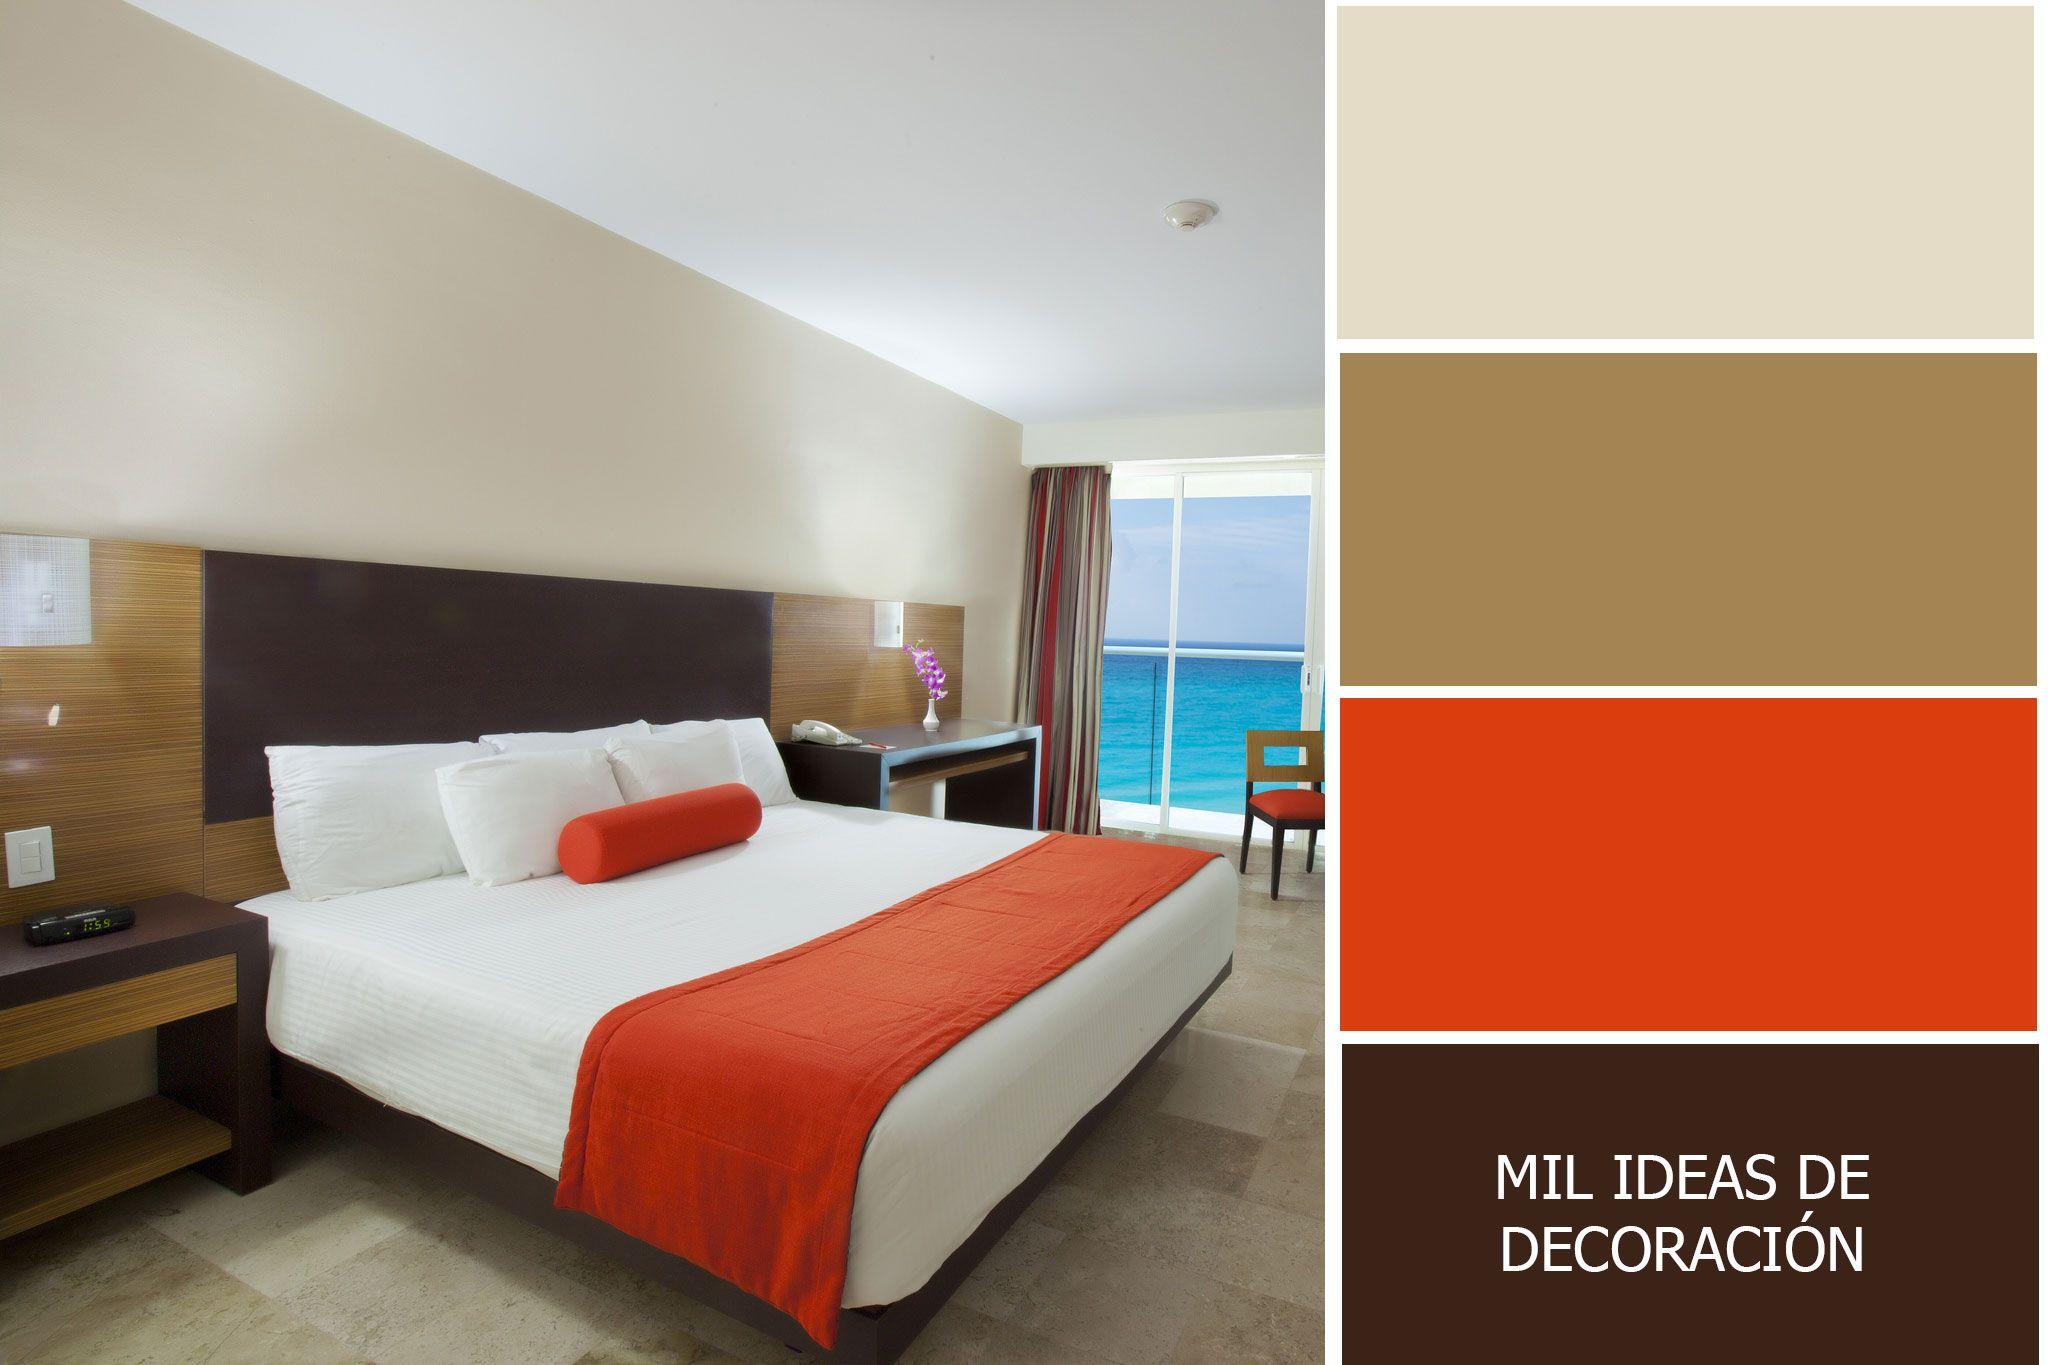 40 Magnificas Combinaciones De Colores Para Pintar El Dormitorio Colores Para Dormitorio Paletas De Colores Para Dormitorio Dormitorios